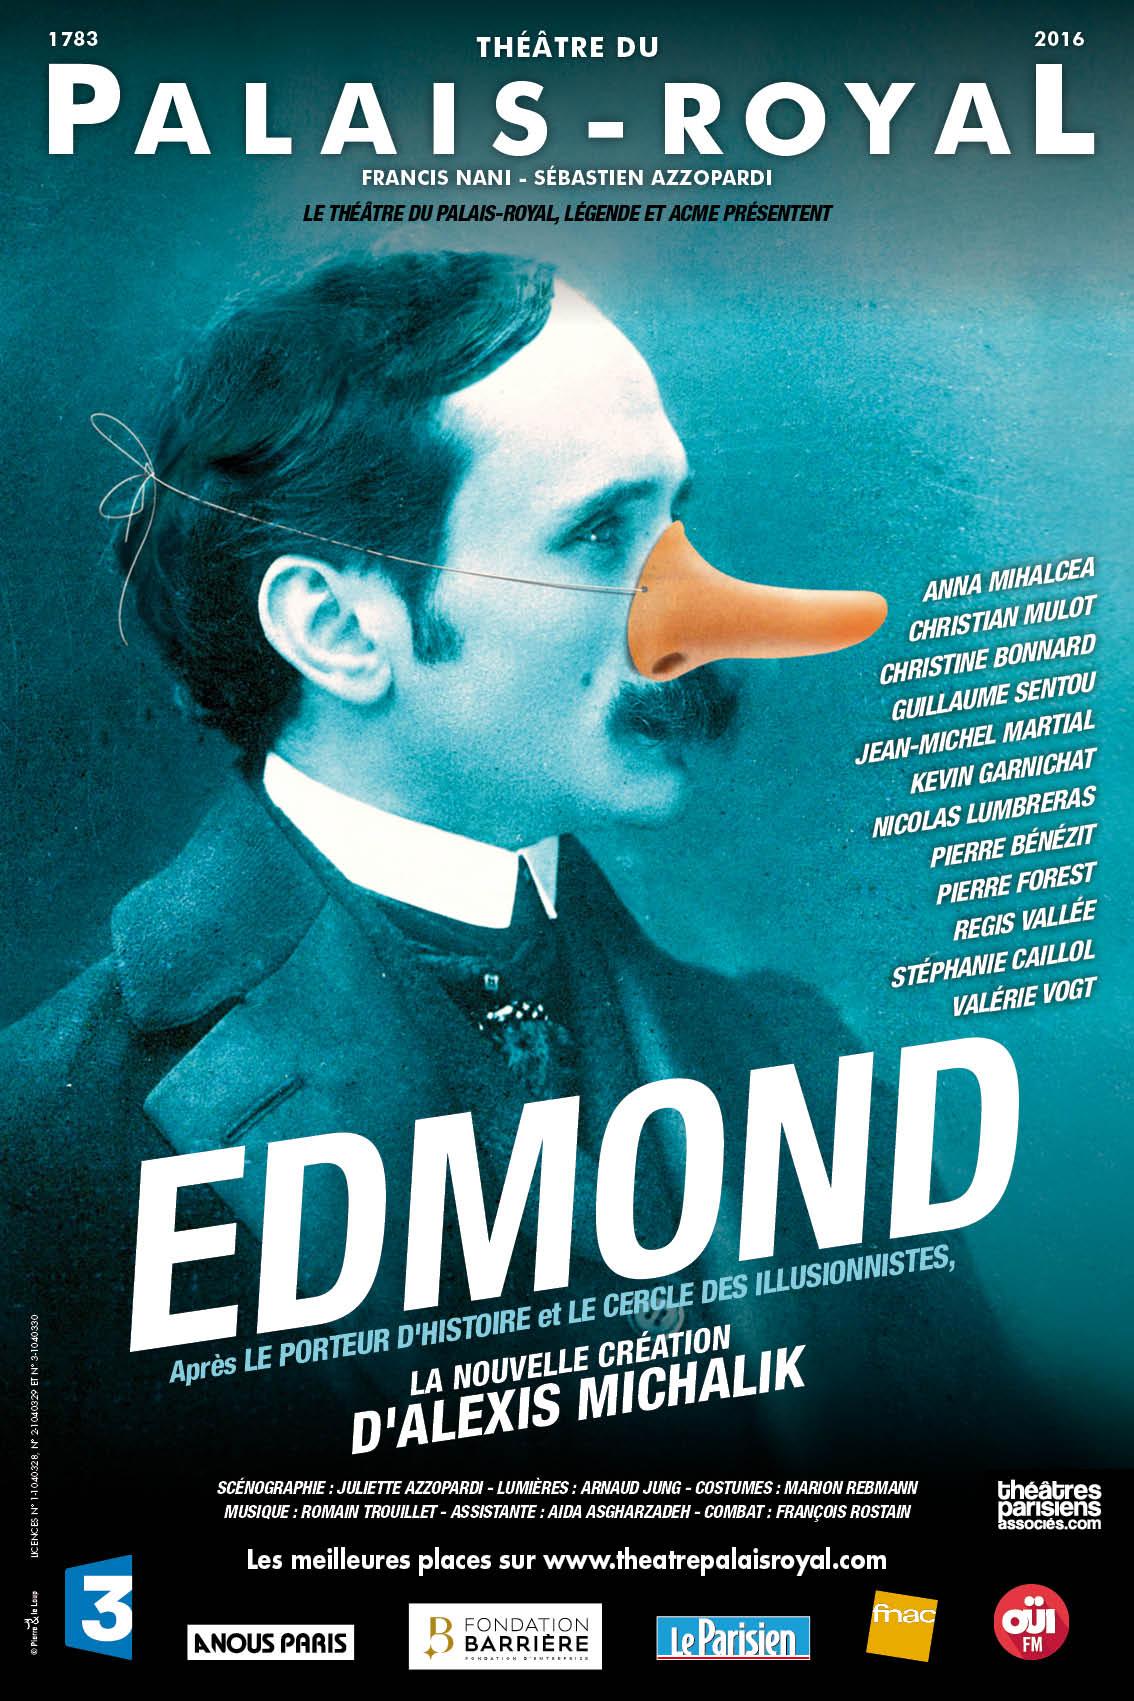 Edmond, une pièce d'Alexis Michalik au théâtre du Palais royal